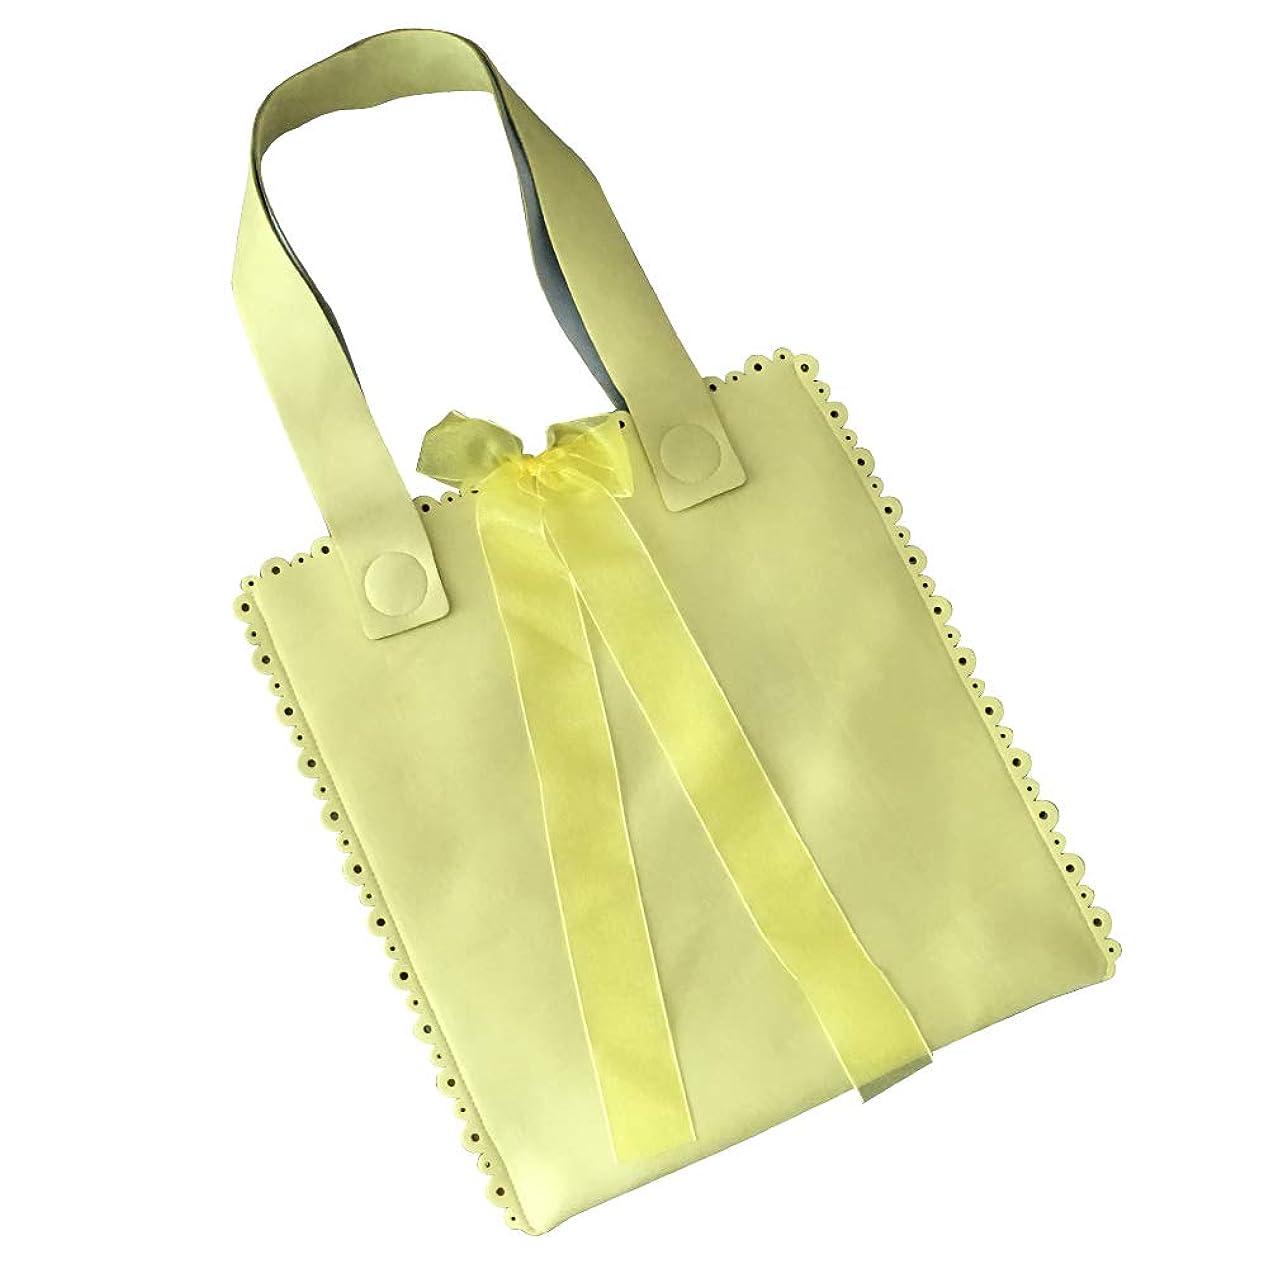 うれしいグループ対象Arctic velvet-02ショルダーバッグ ハンドバッグ女性バッグインバッグ レディス ファッション バッグ リュック/トートバッグ/通勤バッグ/通学バッグ